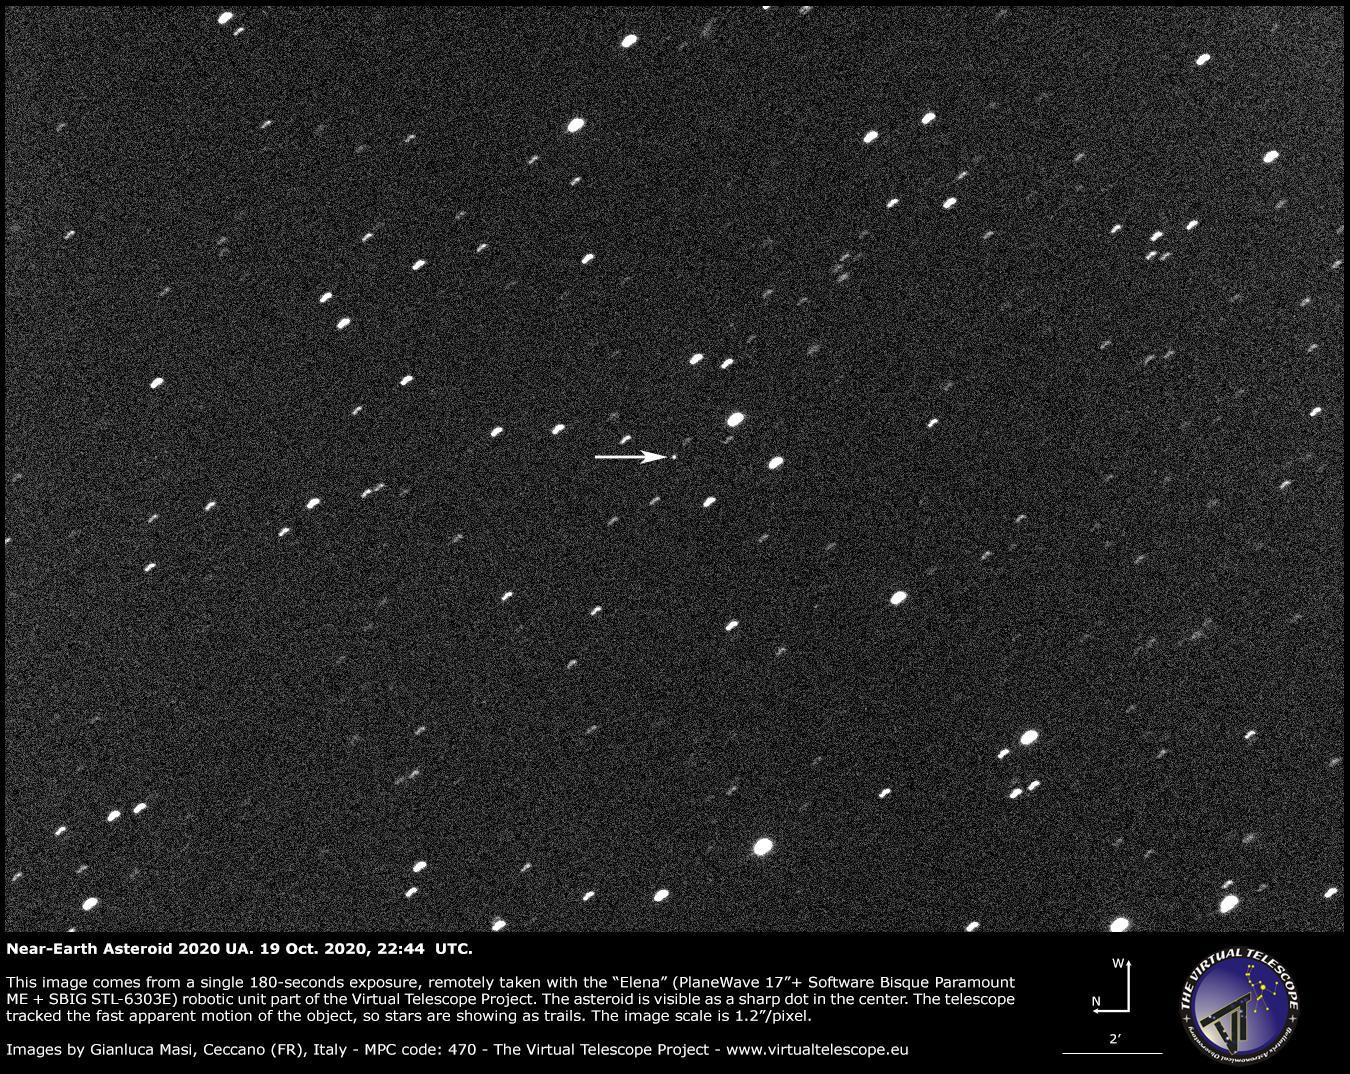 Near-Earth asteroid 2020 UA. 19 Oct. 2020.